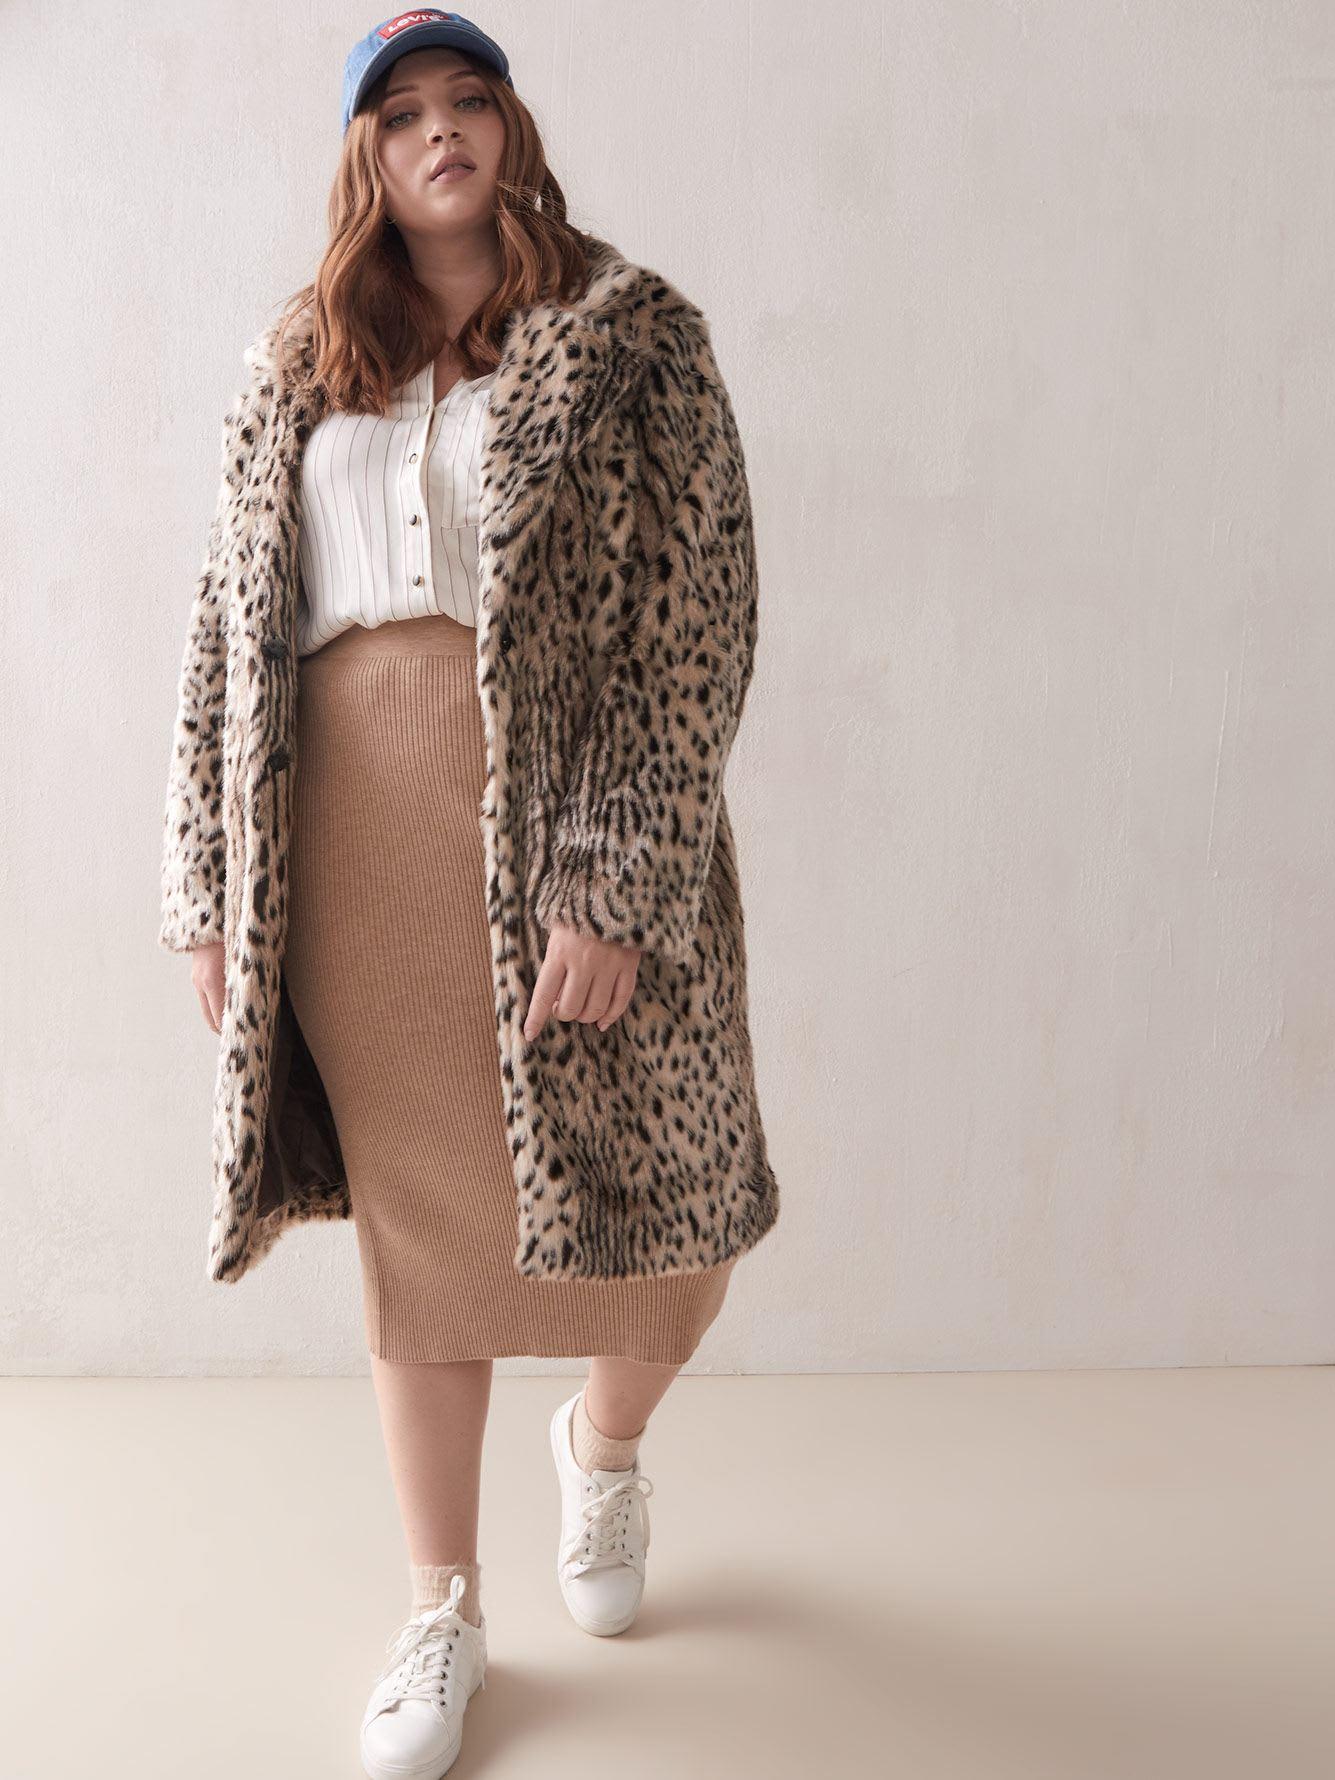 Leopard Faux-Fur Coat - Addition Elle